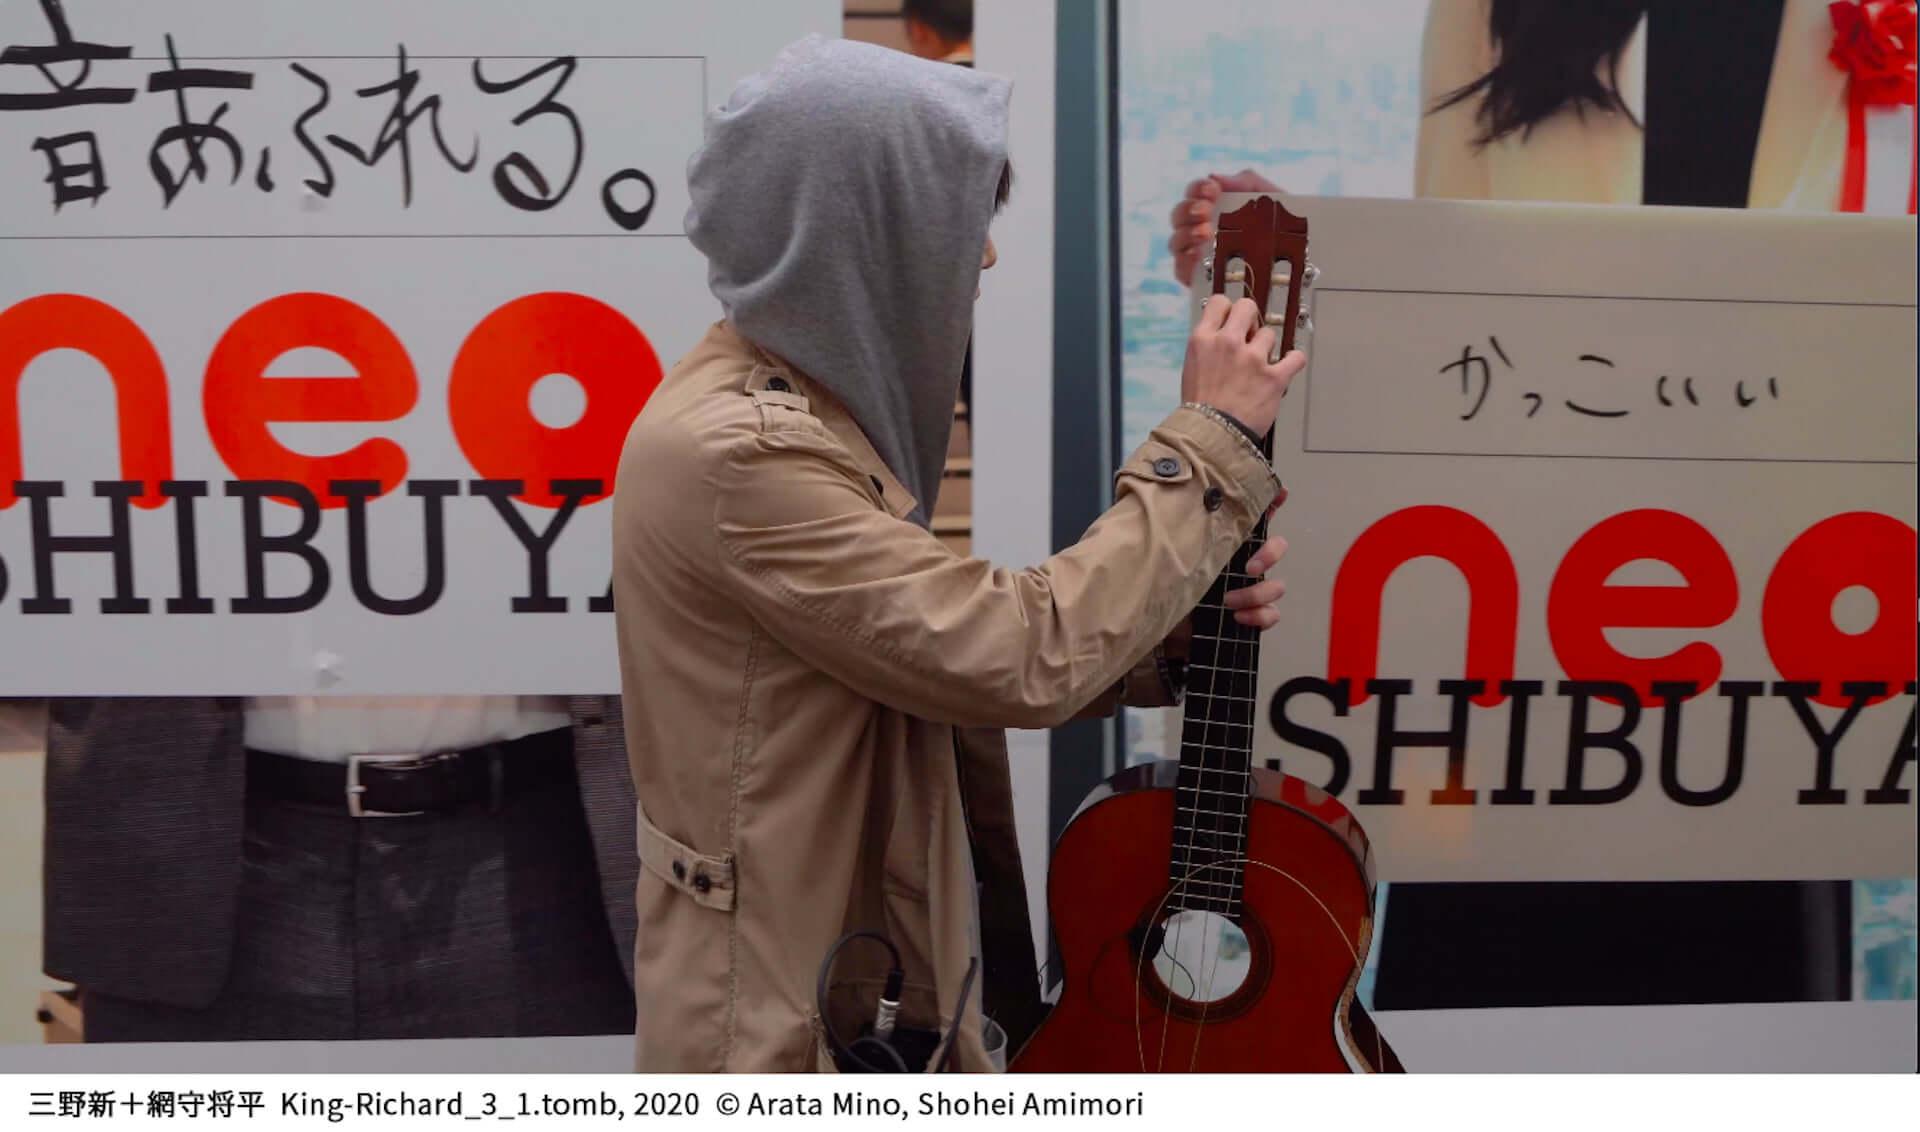 蔦屋書店にて<東京フォトグラフィックリサーチ>開催決定!小山泰介や永田康祐らが東京をテーマに写真・映像作品を制作 b047b0b5217d20774e88f61bbb9baf21-1920x1132